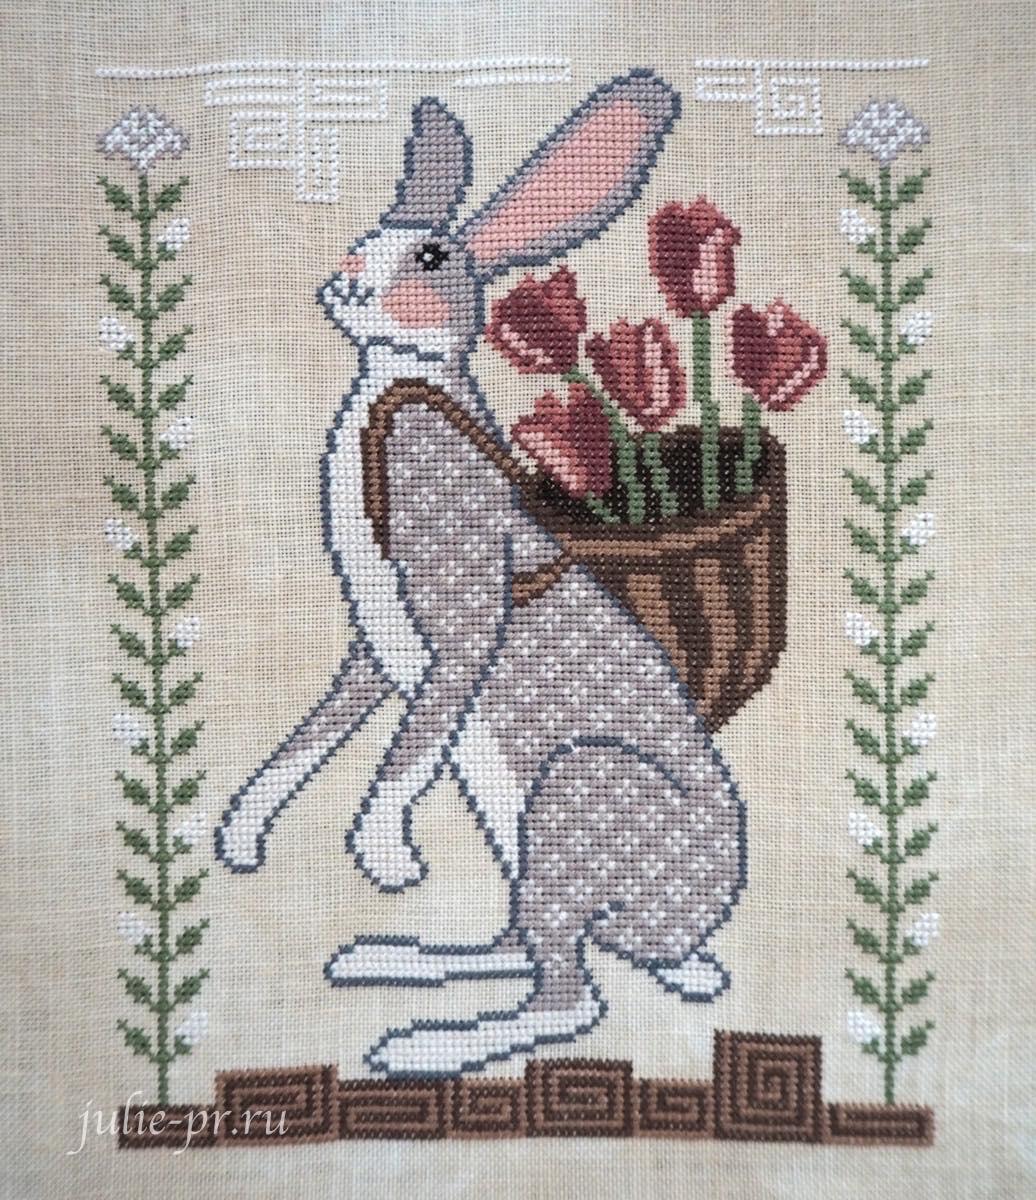 вышивка крестом, примитив, Cottage Garden Samplings, Basketful of Love, A time for all seasons 4, заяц с корзиной тюльпанов, тюльпаны, корзина любви